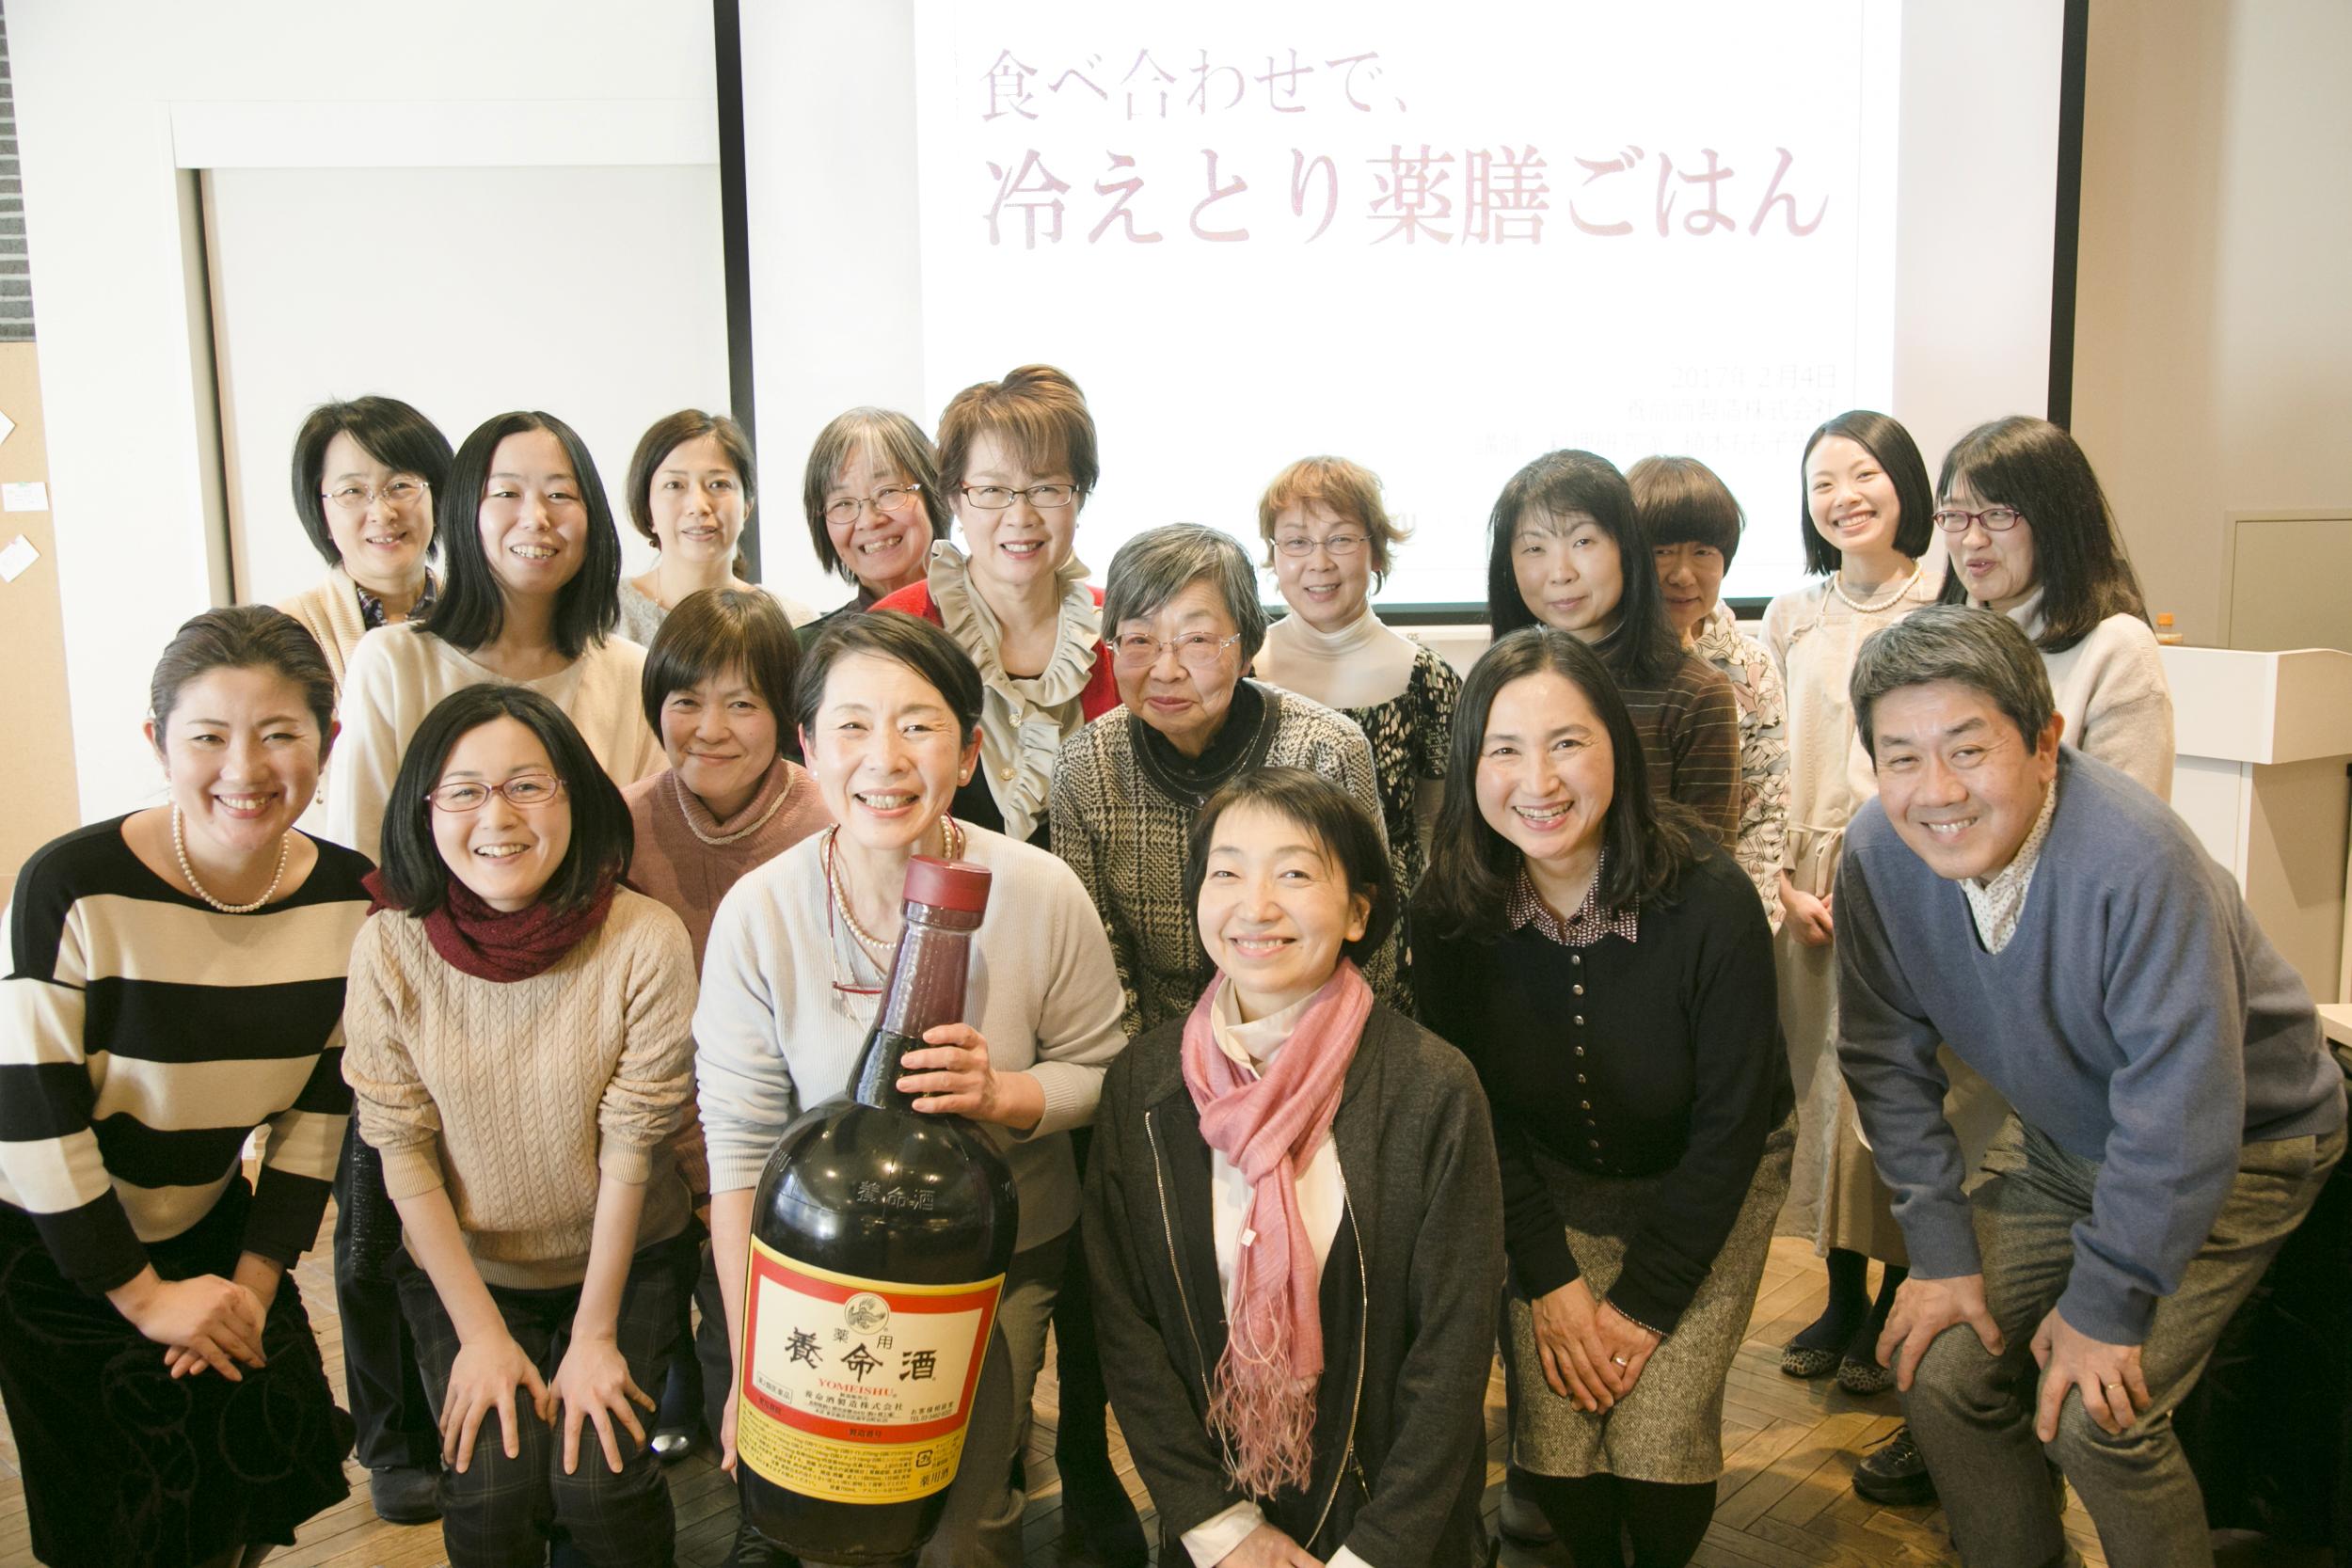 しあわせ信州健康セミナー@銀座NAGANO一覧画像